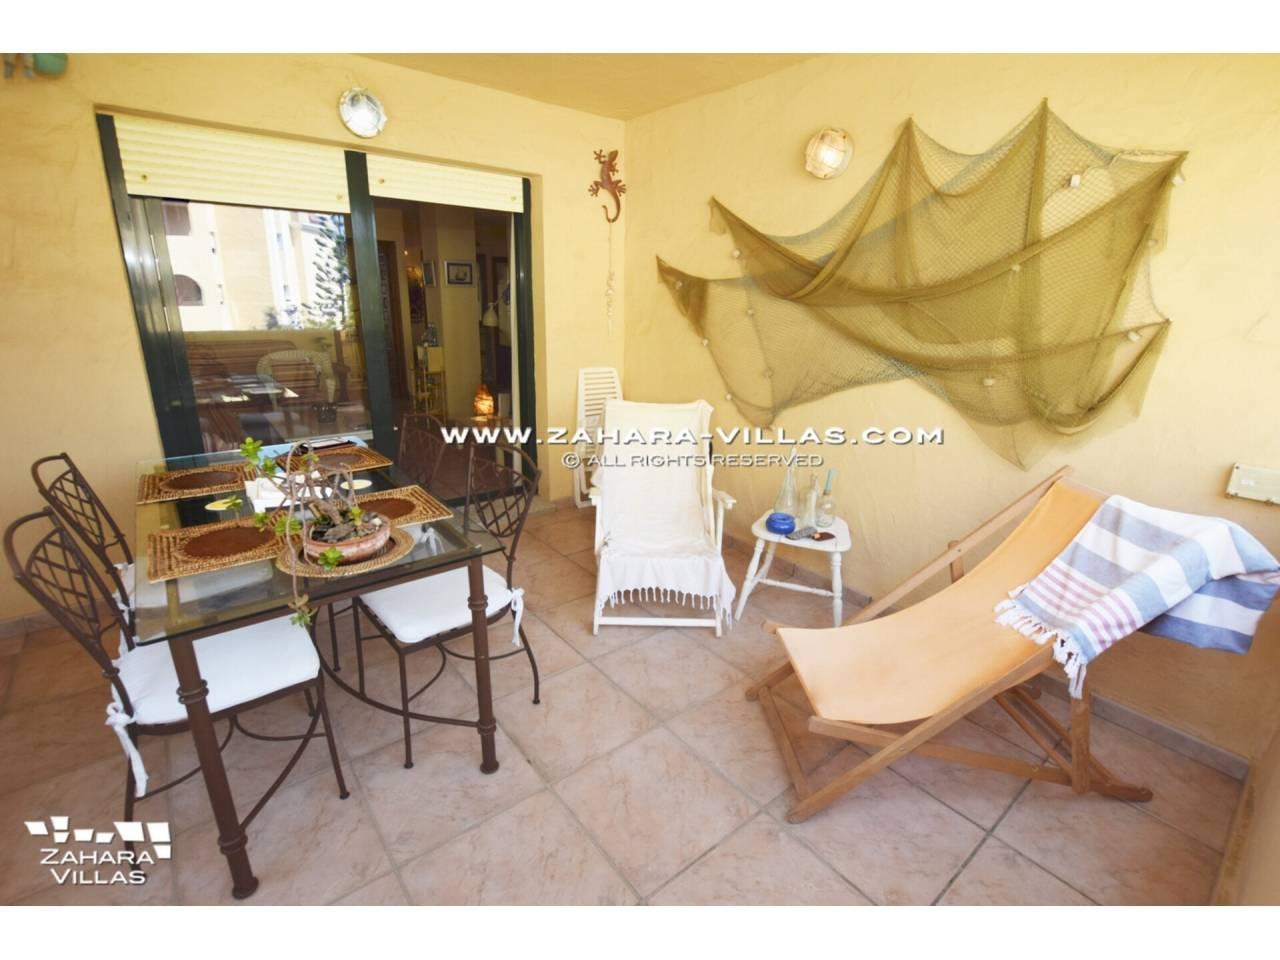 Imagen 3 de Coqueto apartamento en venta en urbanización Jardines de Zahara - Atlanterra